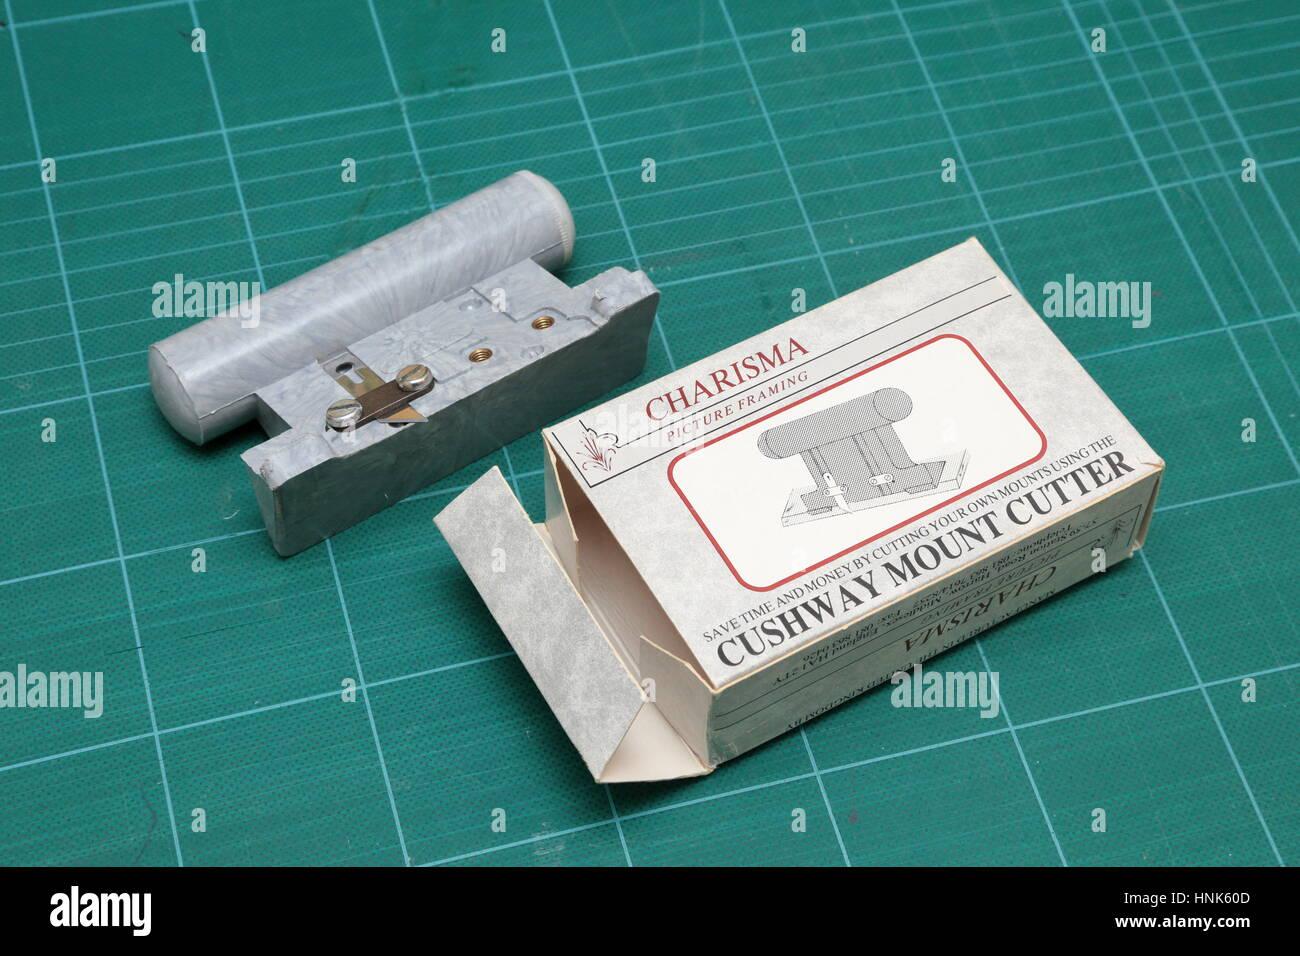 Charisma Cushway Bild Rahmung Mount Board Cutter und Kasten. Sparen Sie Zeit und Geld durch eigene Reittiere zu Stockbild